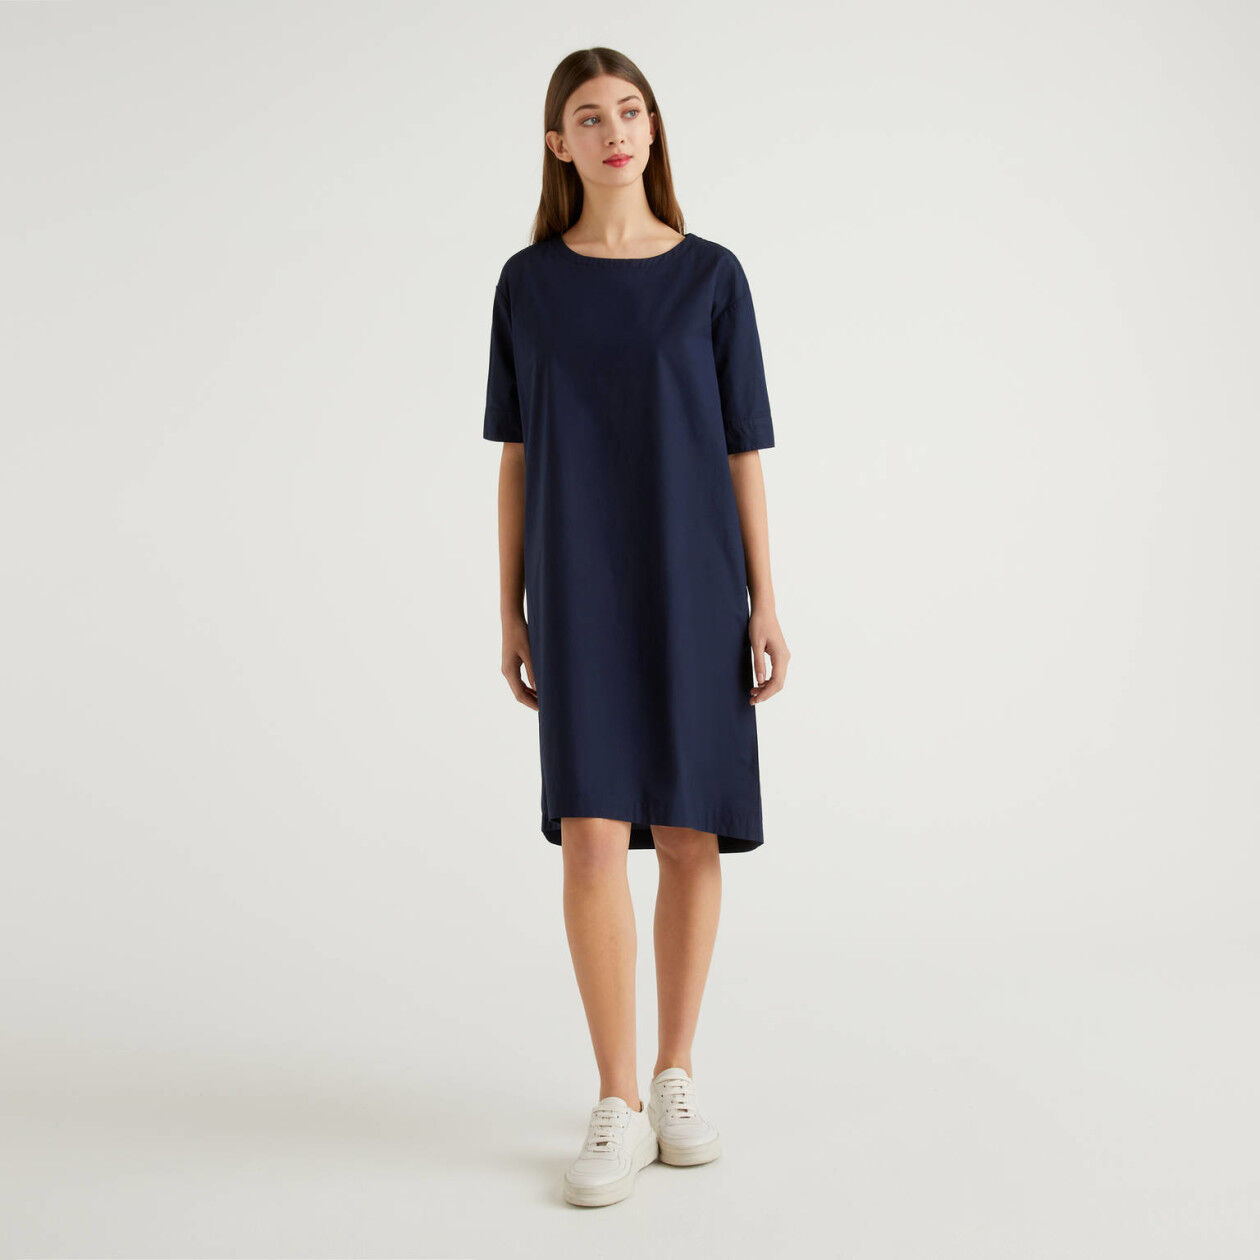 Φόρεμα φαρδύ από 100% βαμβακερό